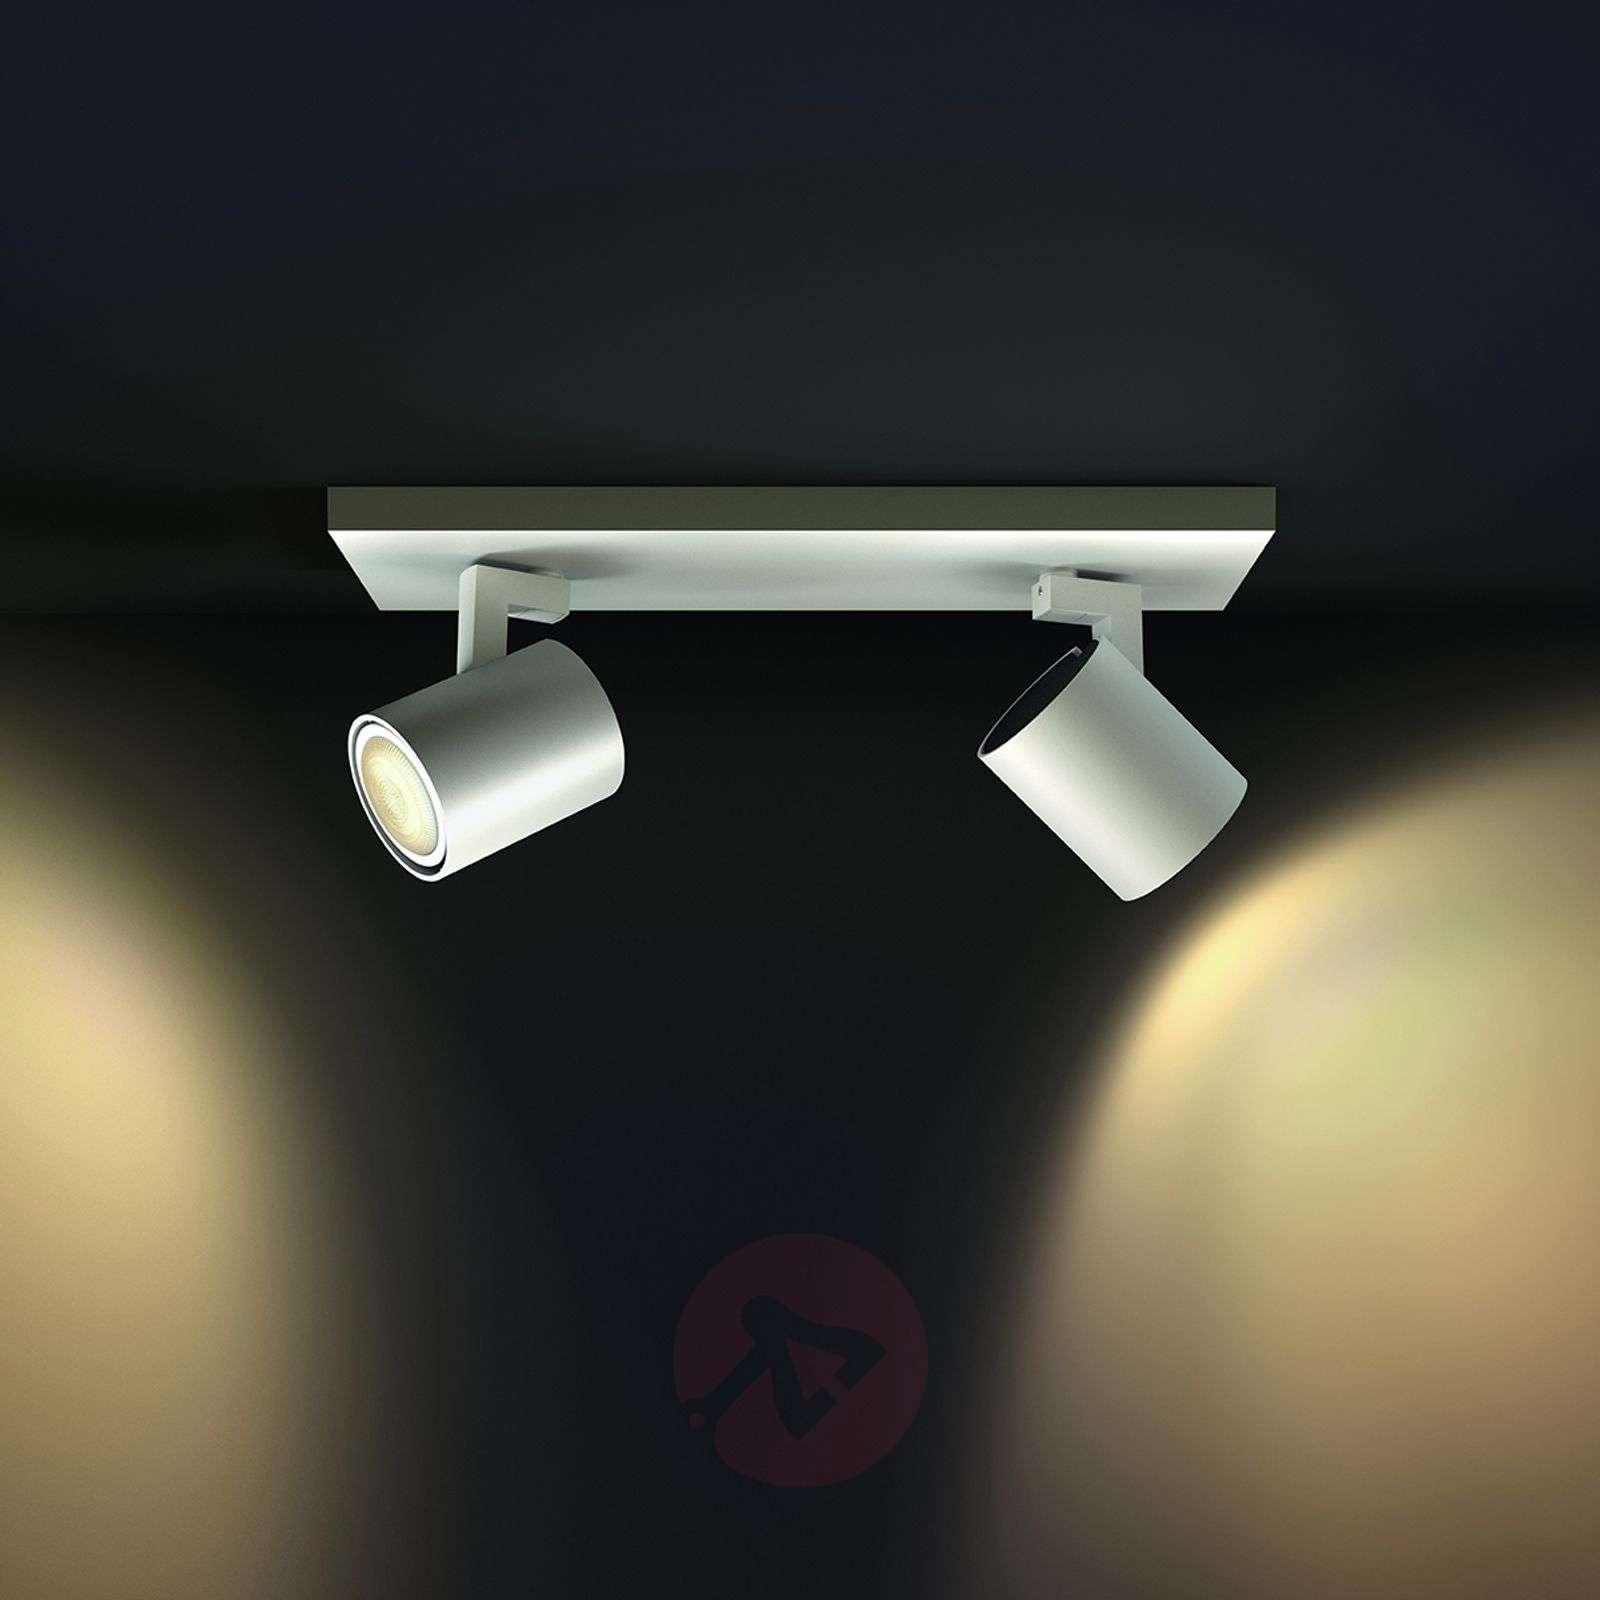 Philips Hue Runner spotlight 2-bulb dimmer white-7531891-01